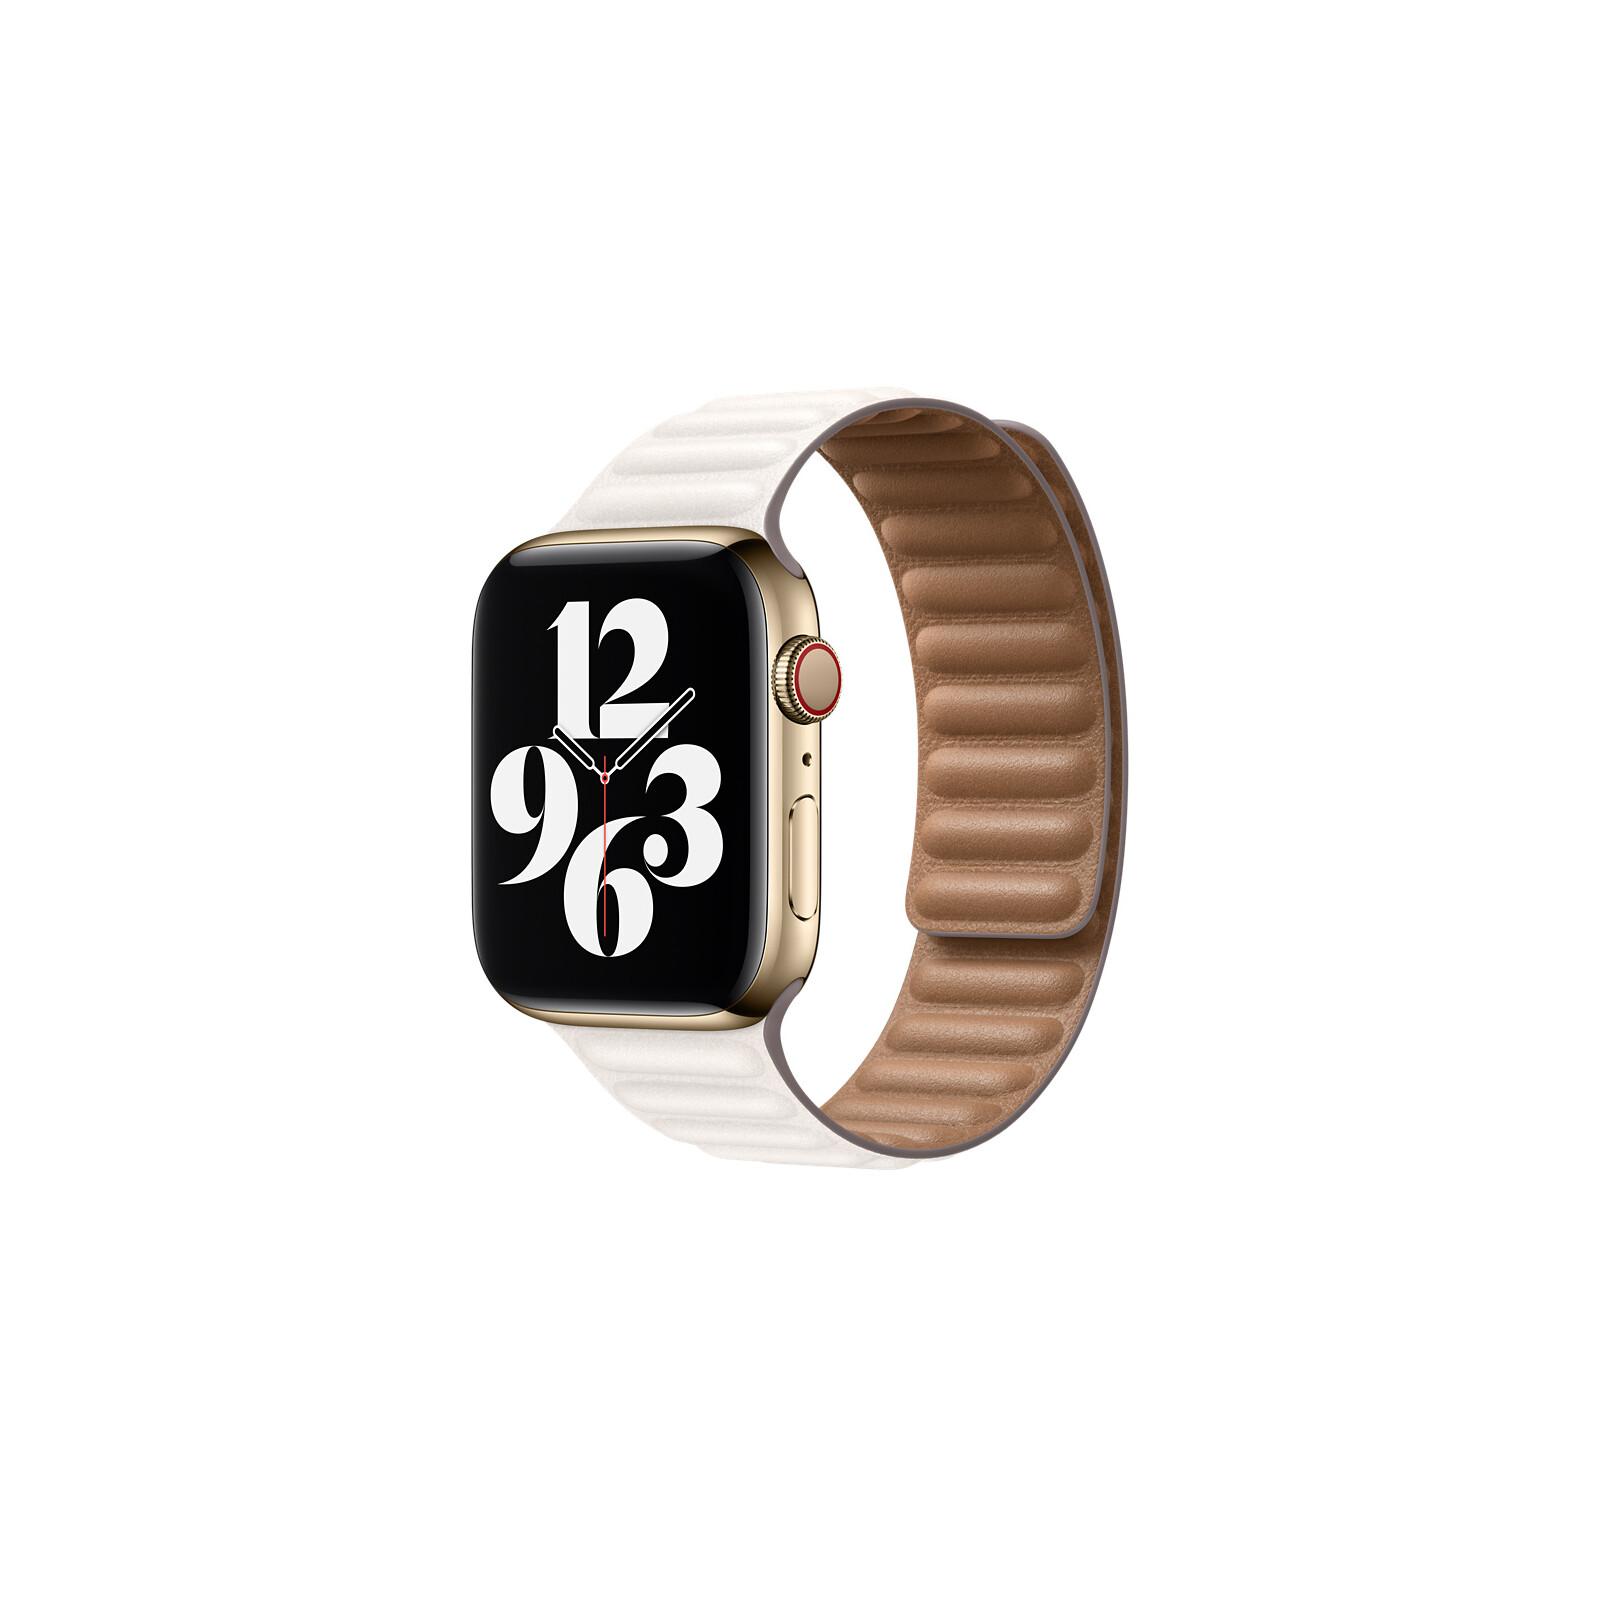 Apple Watch 44mm Lederarmband mit Endstück kreide klein